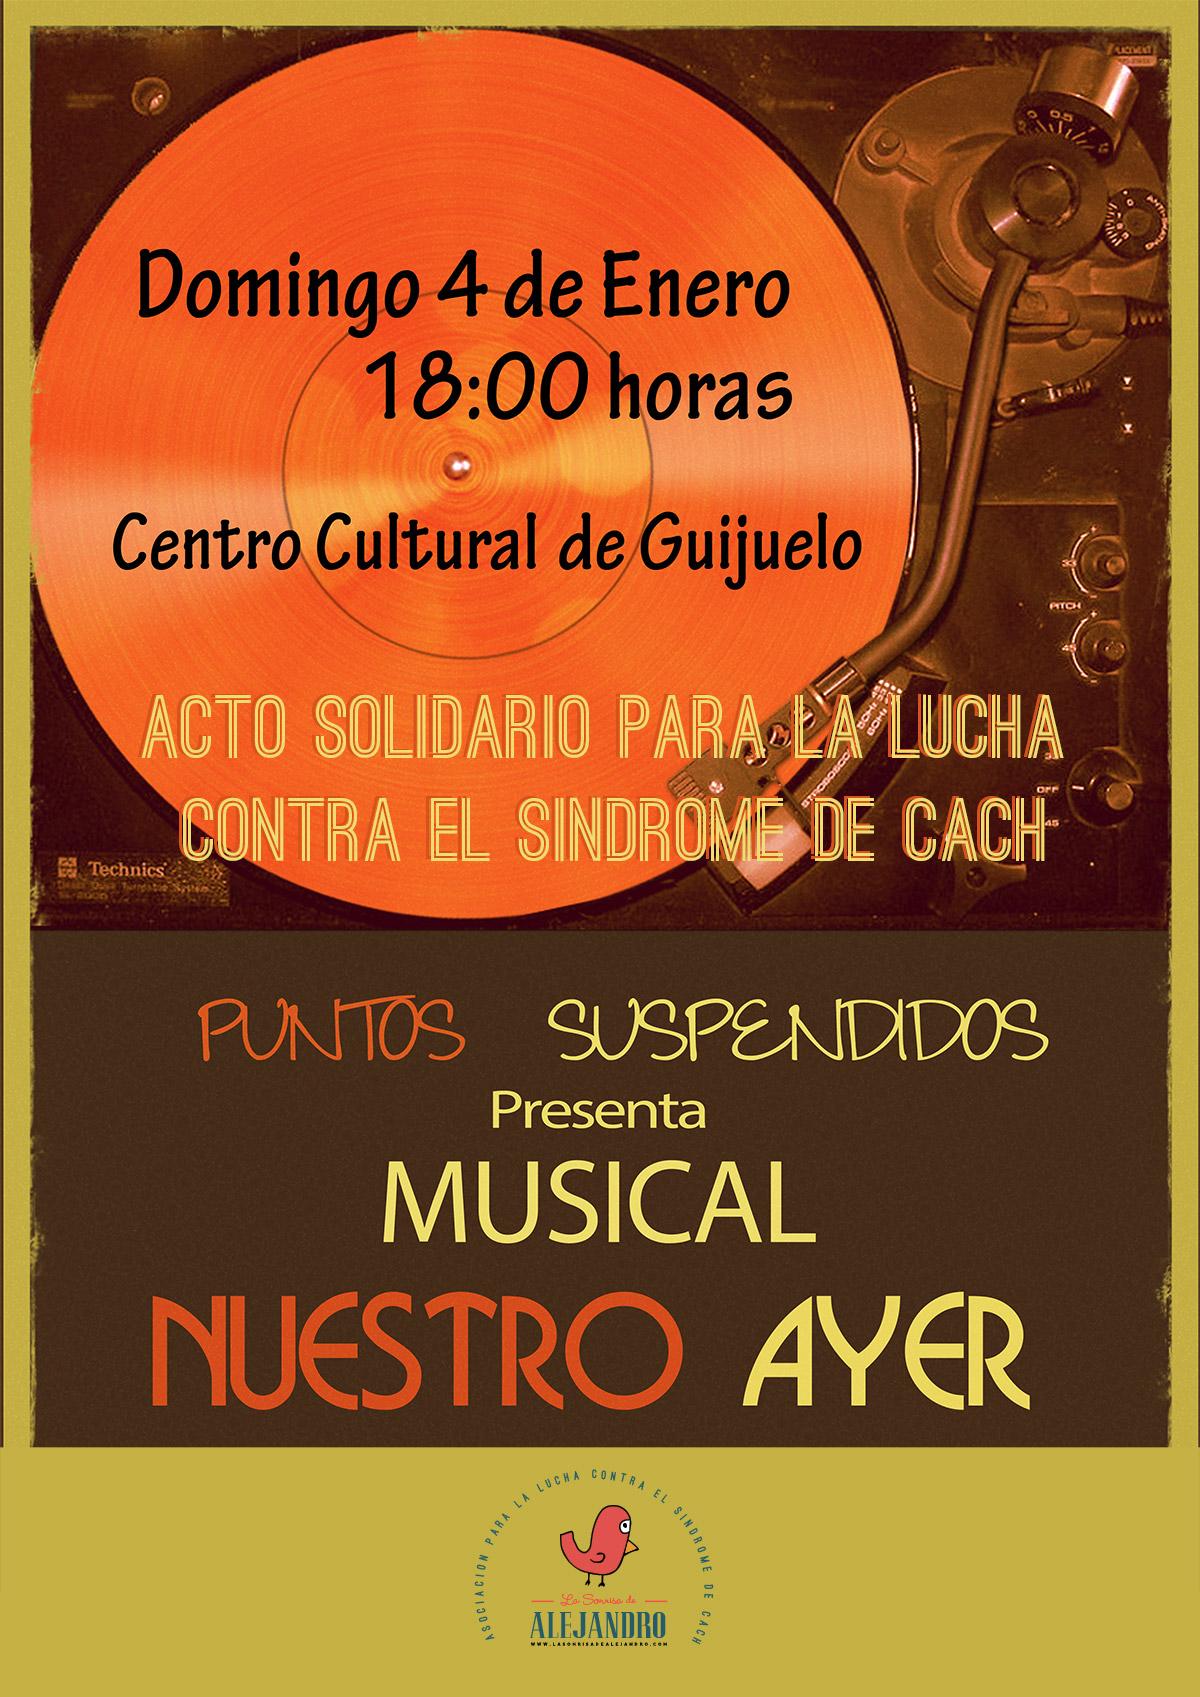 Musical Nuestro Ayer, por la compañía Puntos Suspensivos.